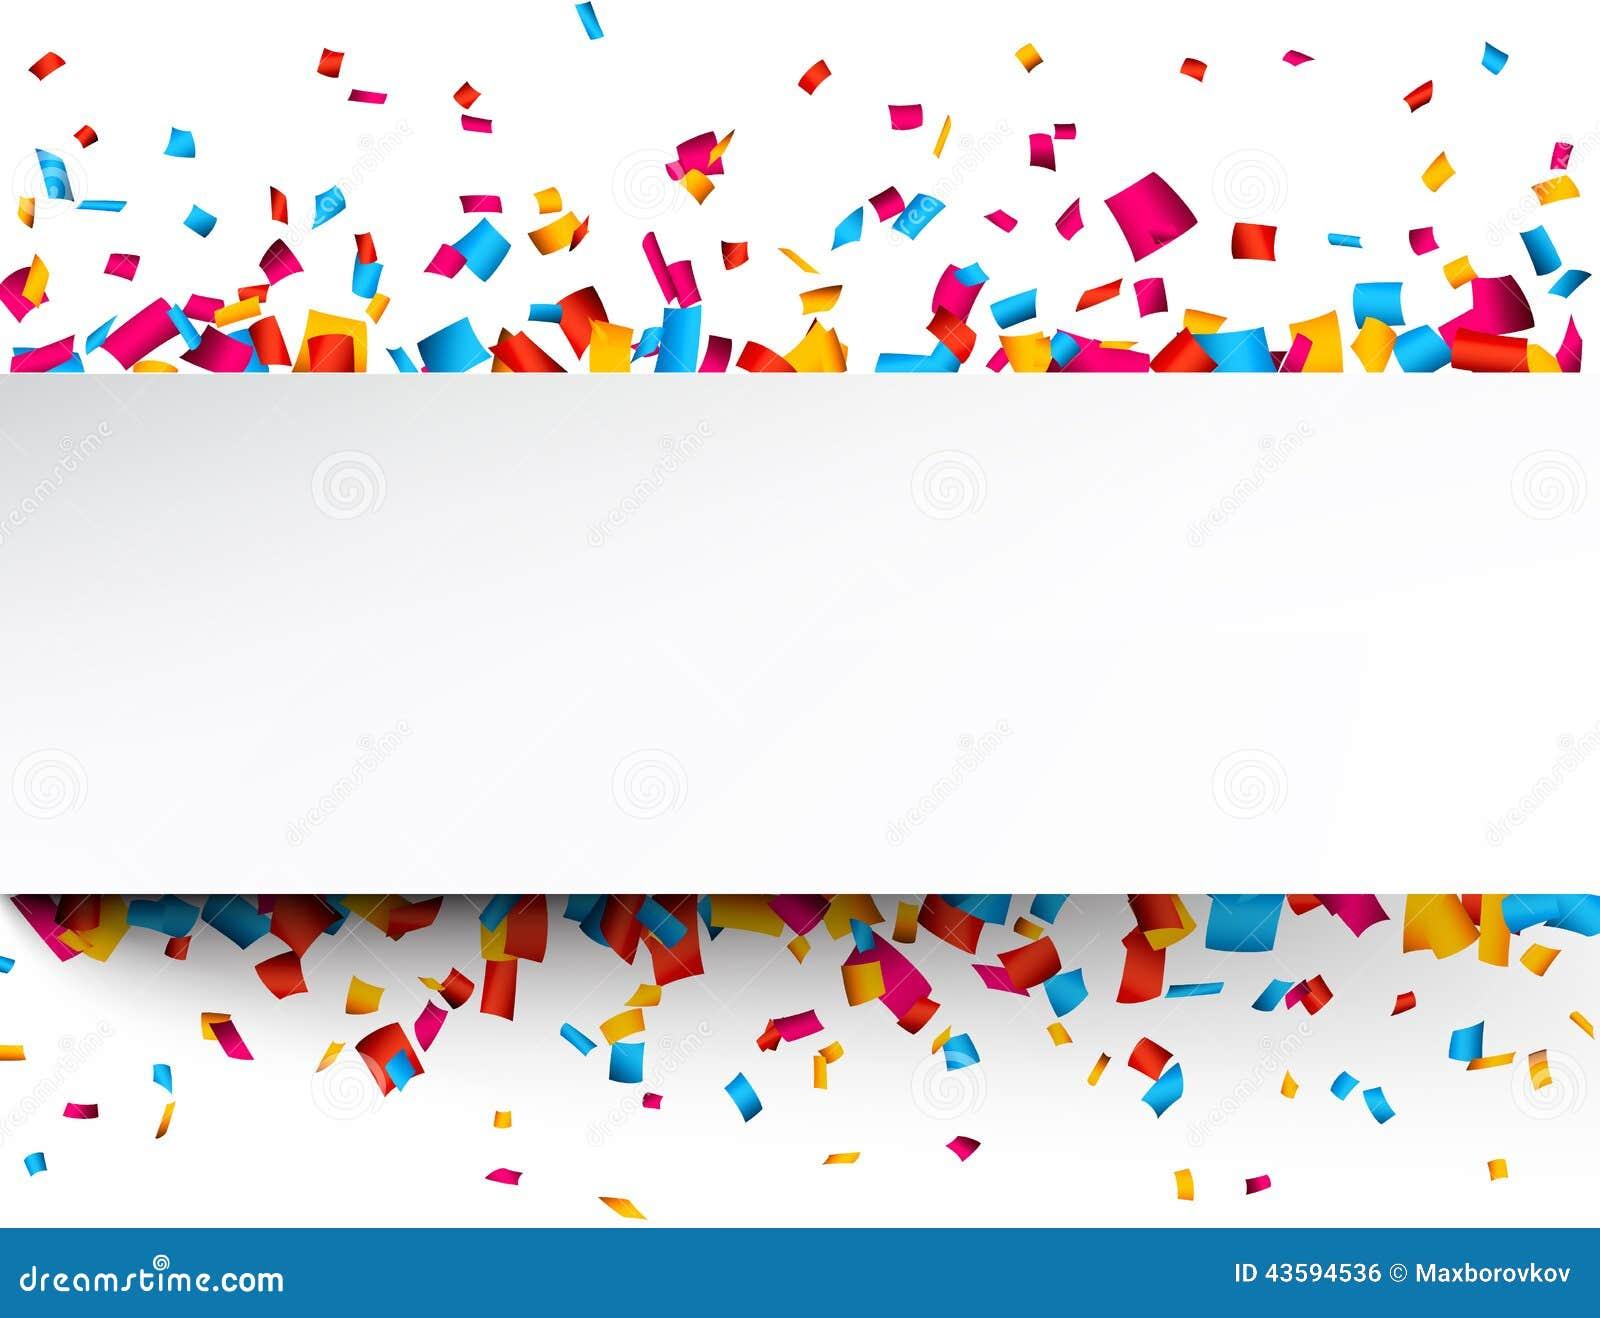 celebration images free